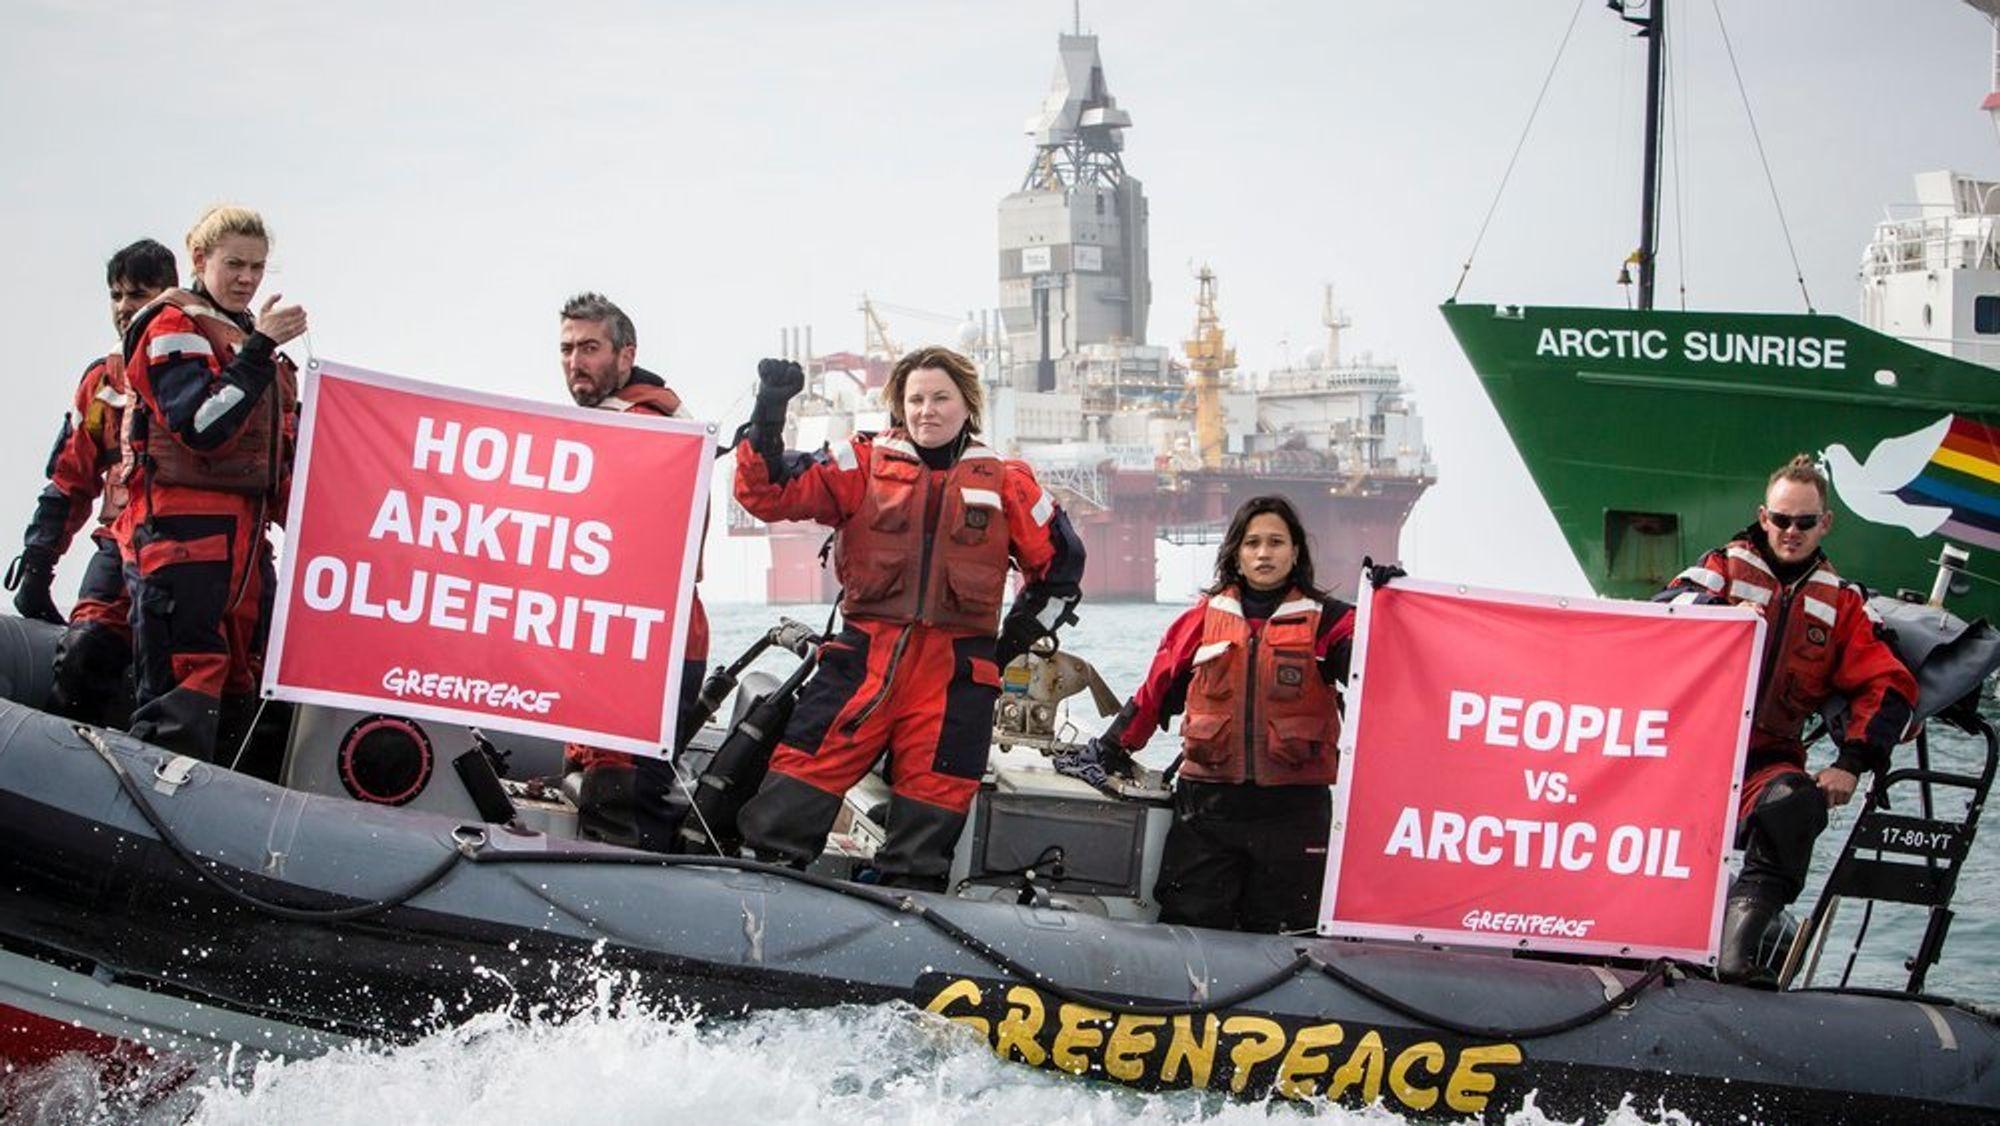 Greenpeace er blant organisasjonene som jobber for å få oljevirksomhet bort fra Arktis. Her fra en protest i Barentshavet,